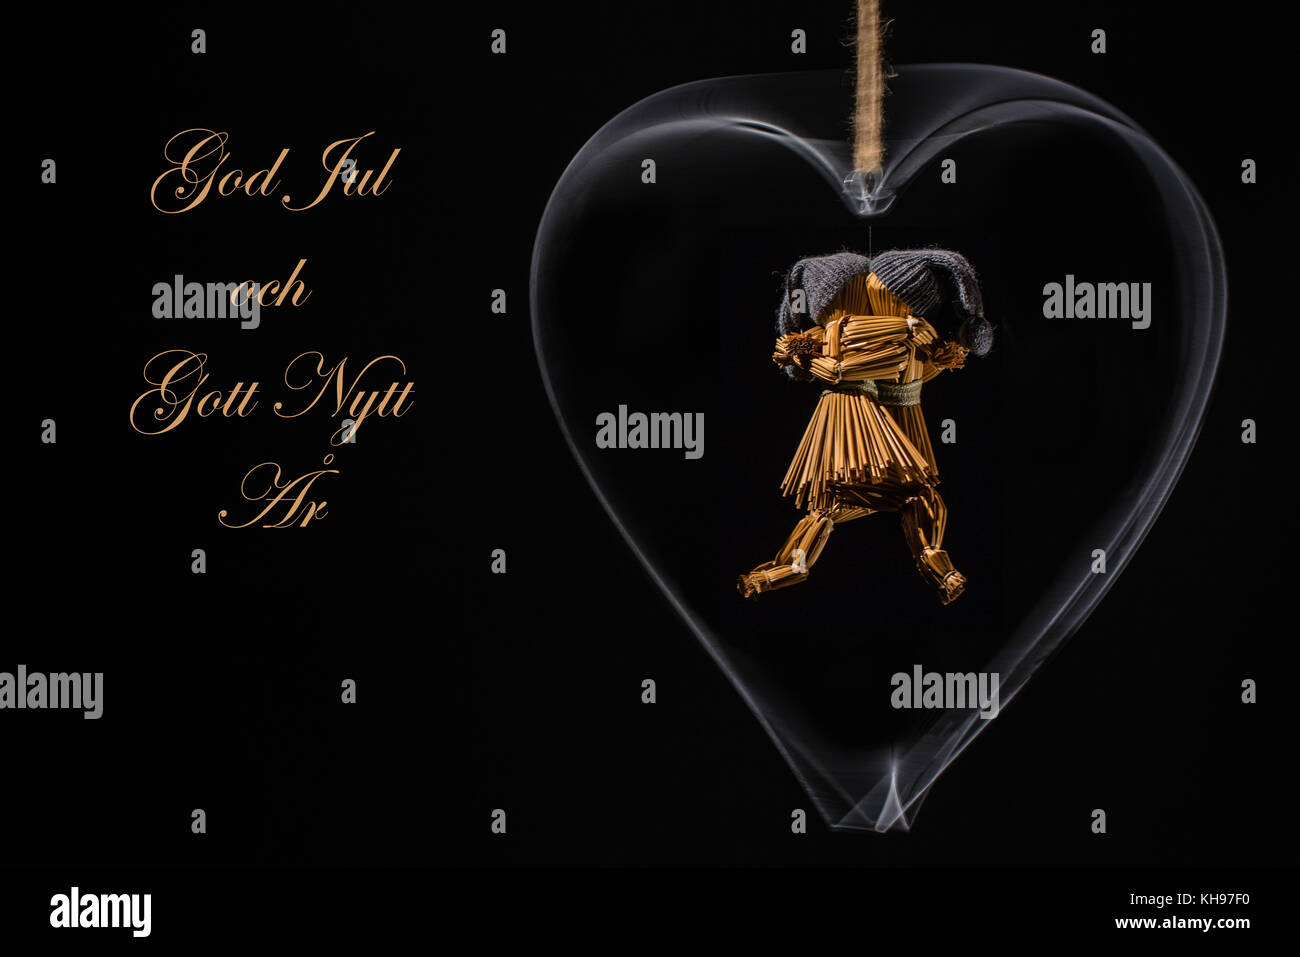 Auguri di Natale in svedese con il ballo delle bambole di paglia in una rotazione cuore di metallo e con il testo: Immagini Stock